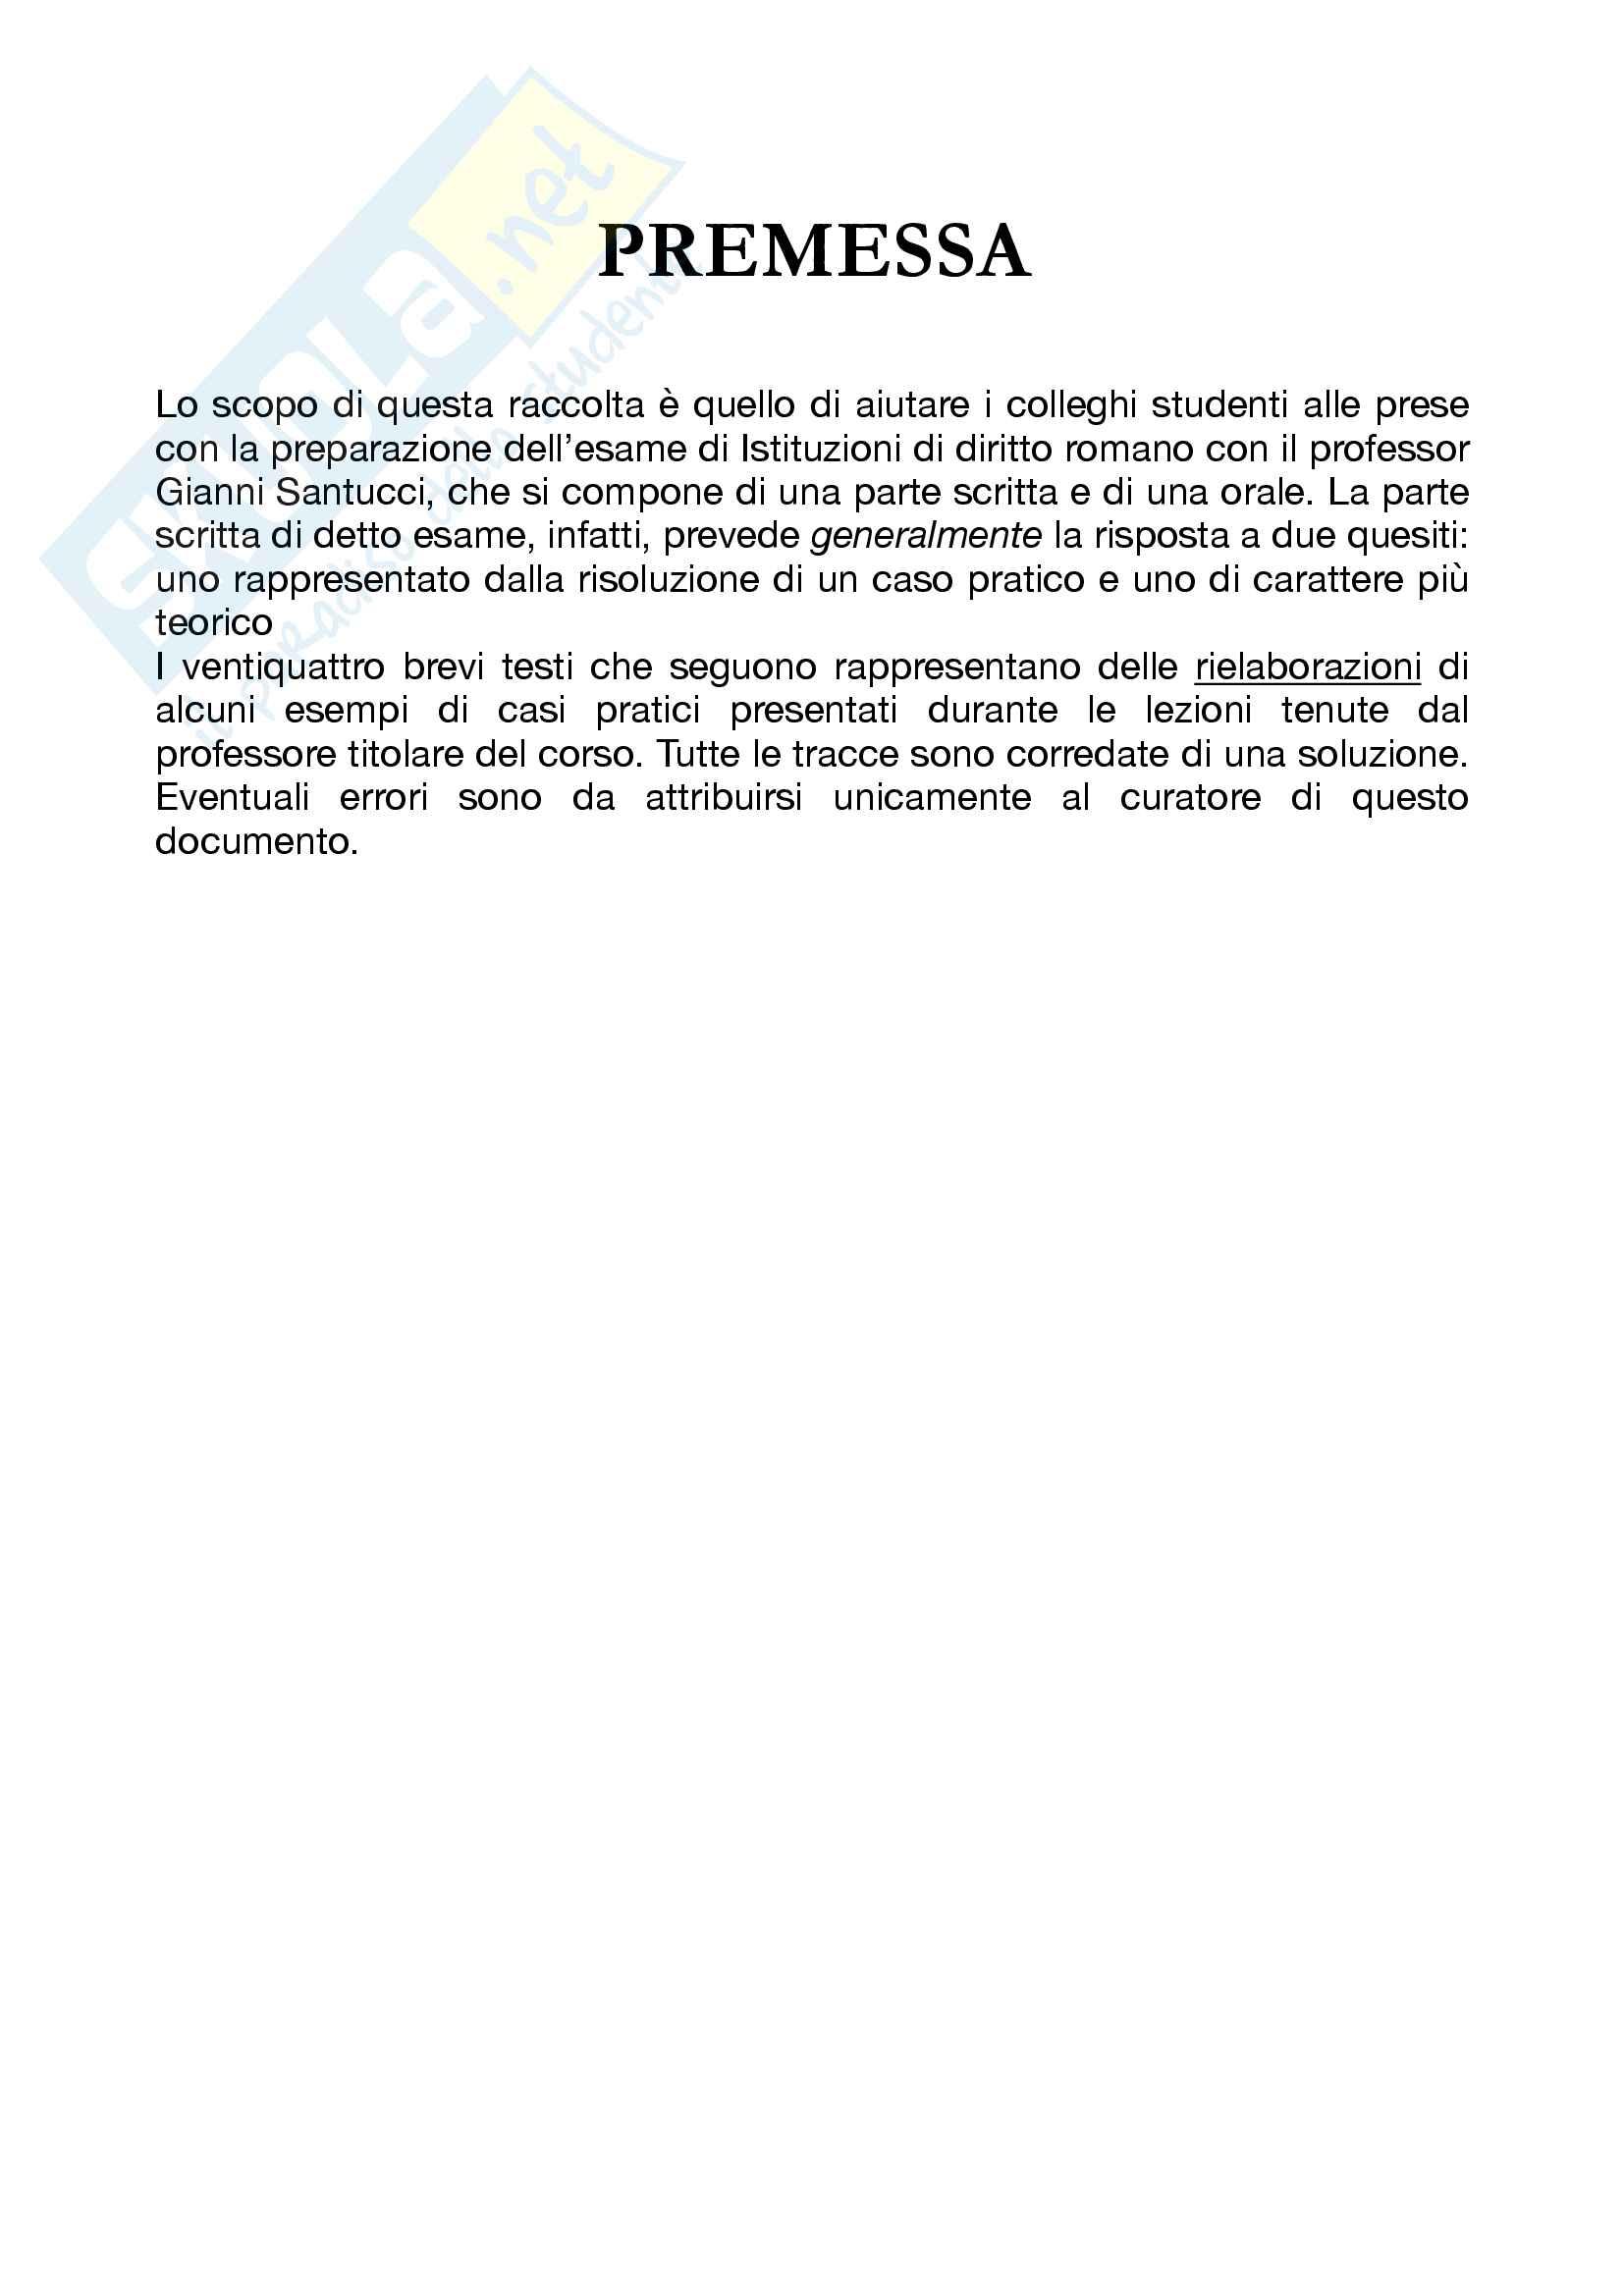 Esercitazioni su casi pratici di diritto romano Pag. 2